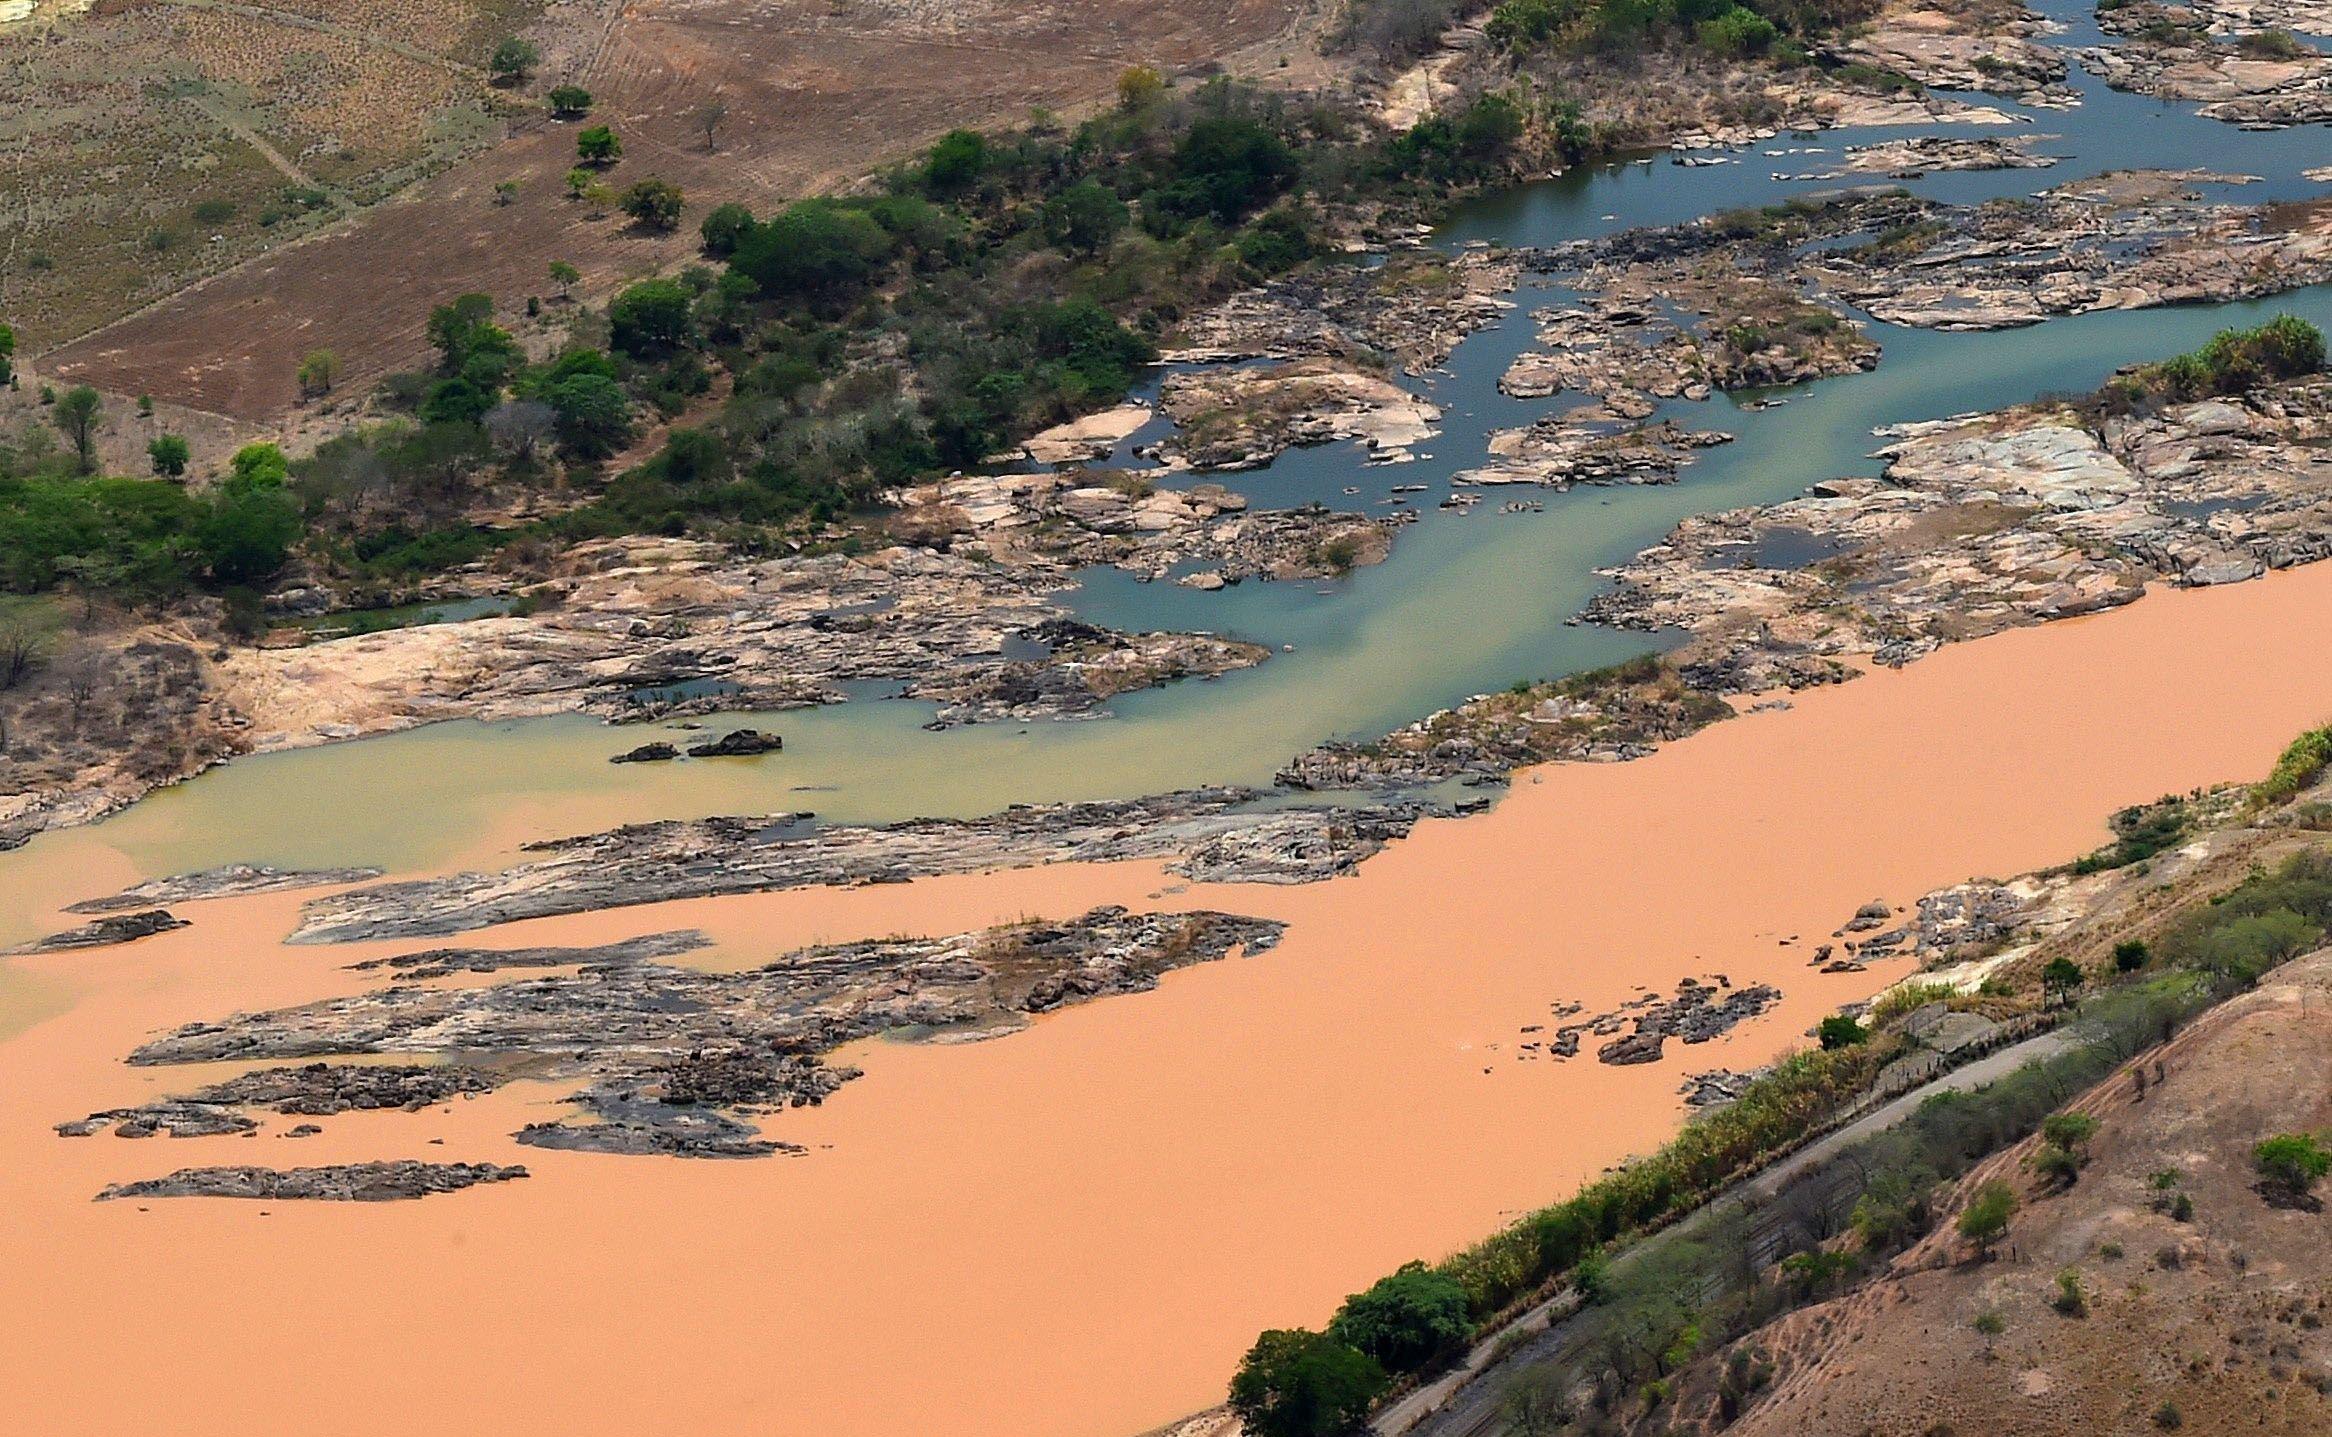 Rompimento de barragem em Bento Rodrigues há um ano provocou danos ambientais imensuráveis